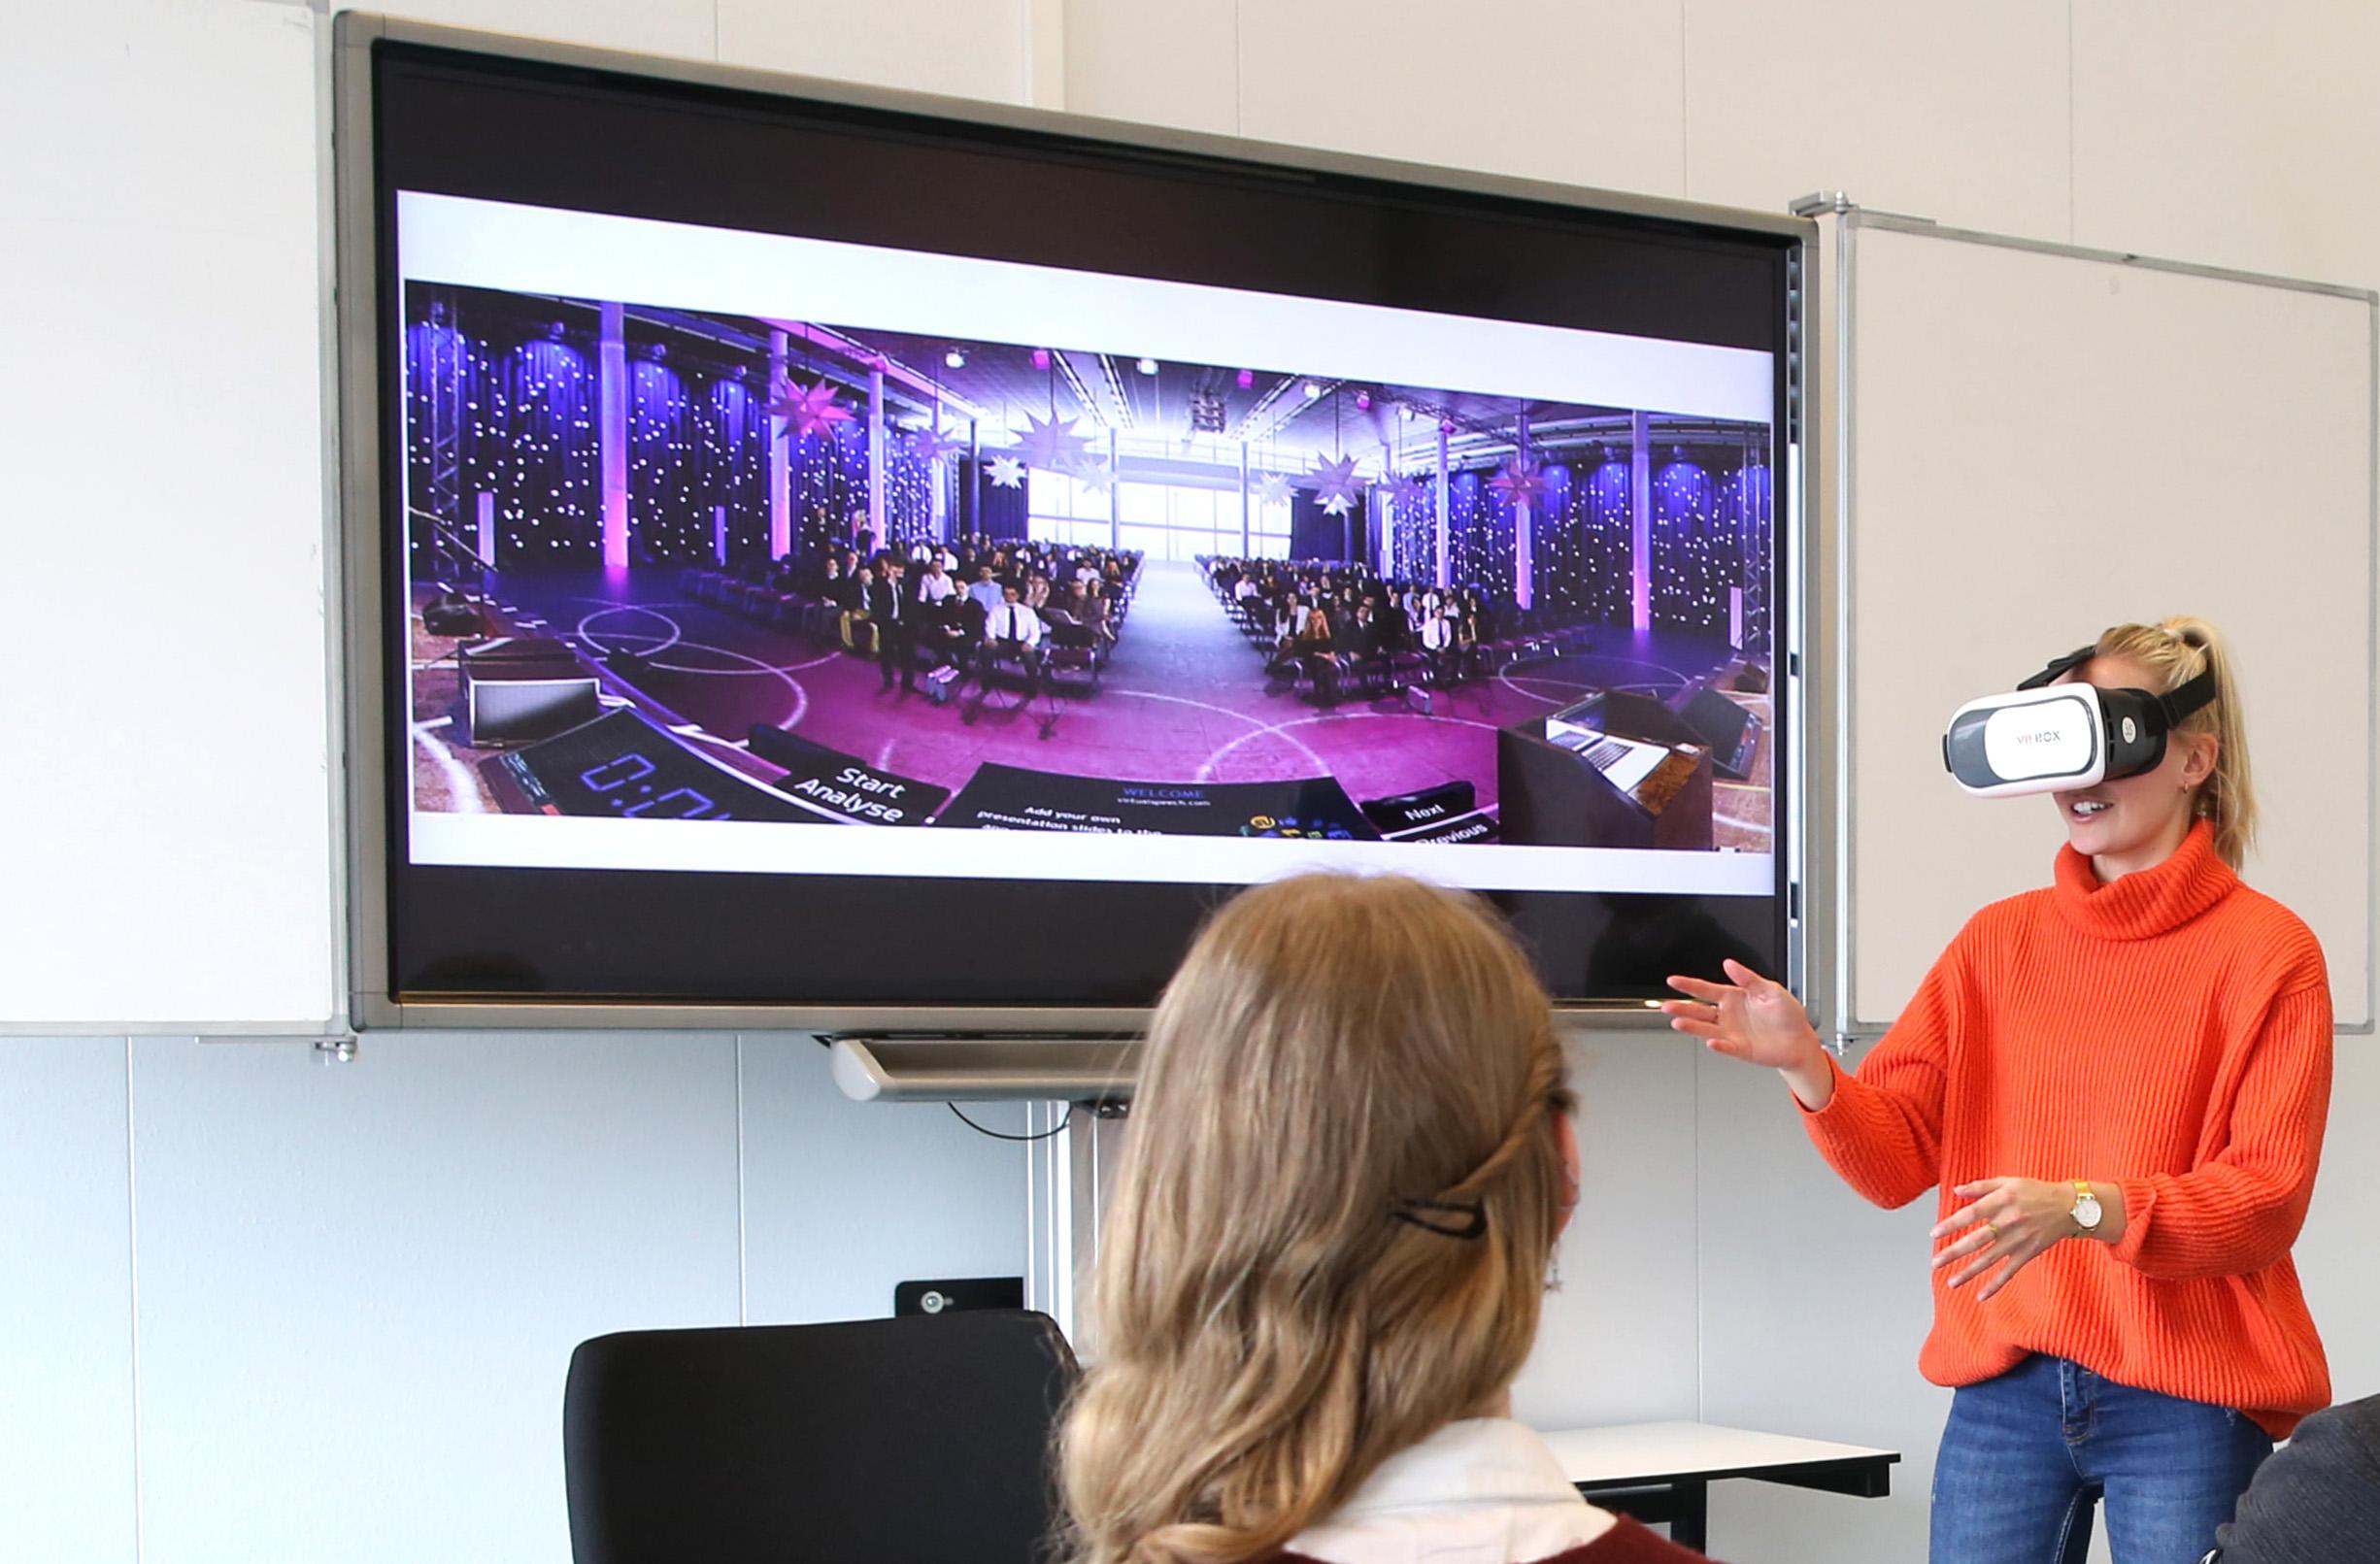 Met VR Spreekangst overwinnen